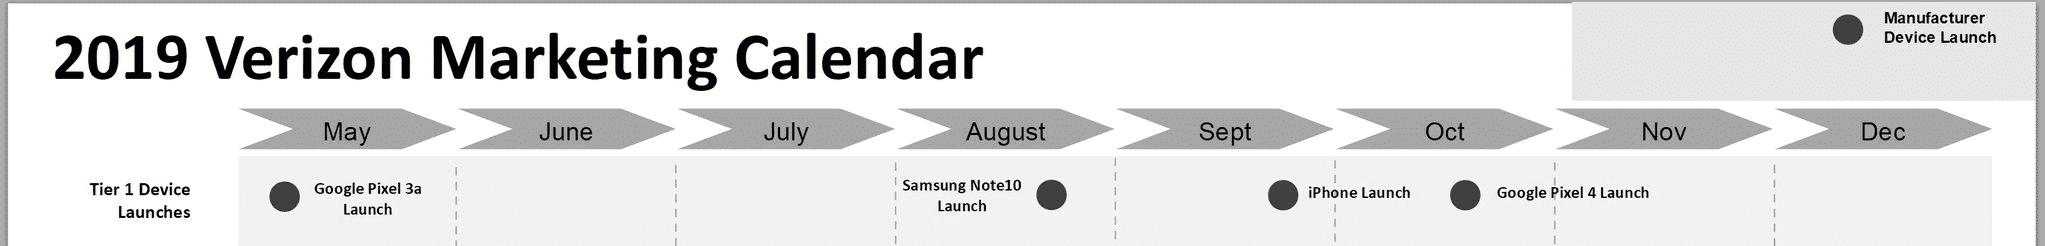 calendario-verizon-lanzamiento-google-pixel-4